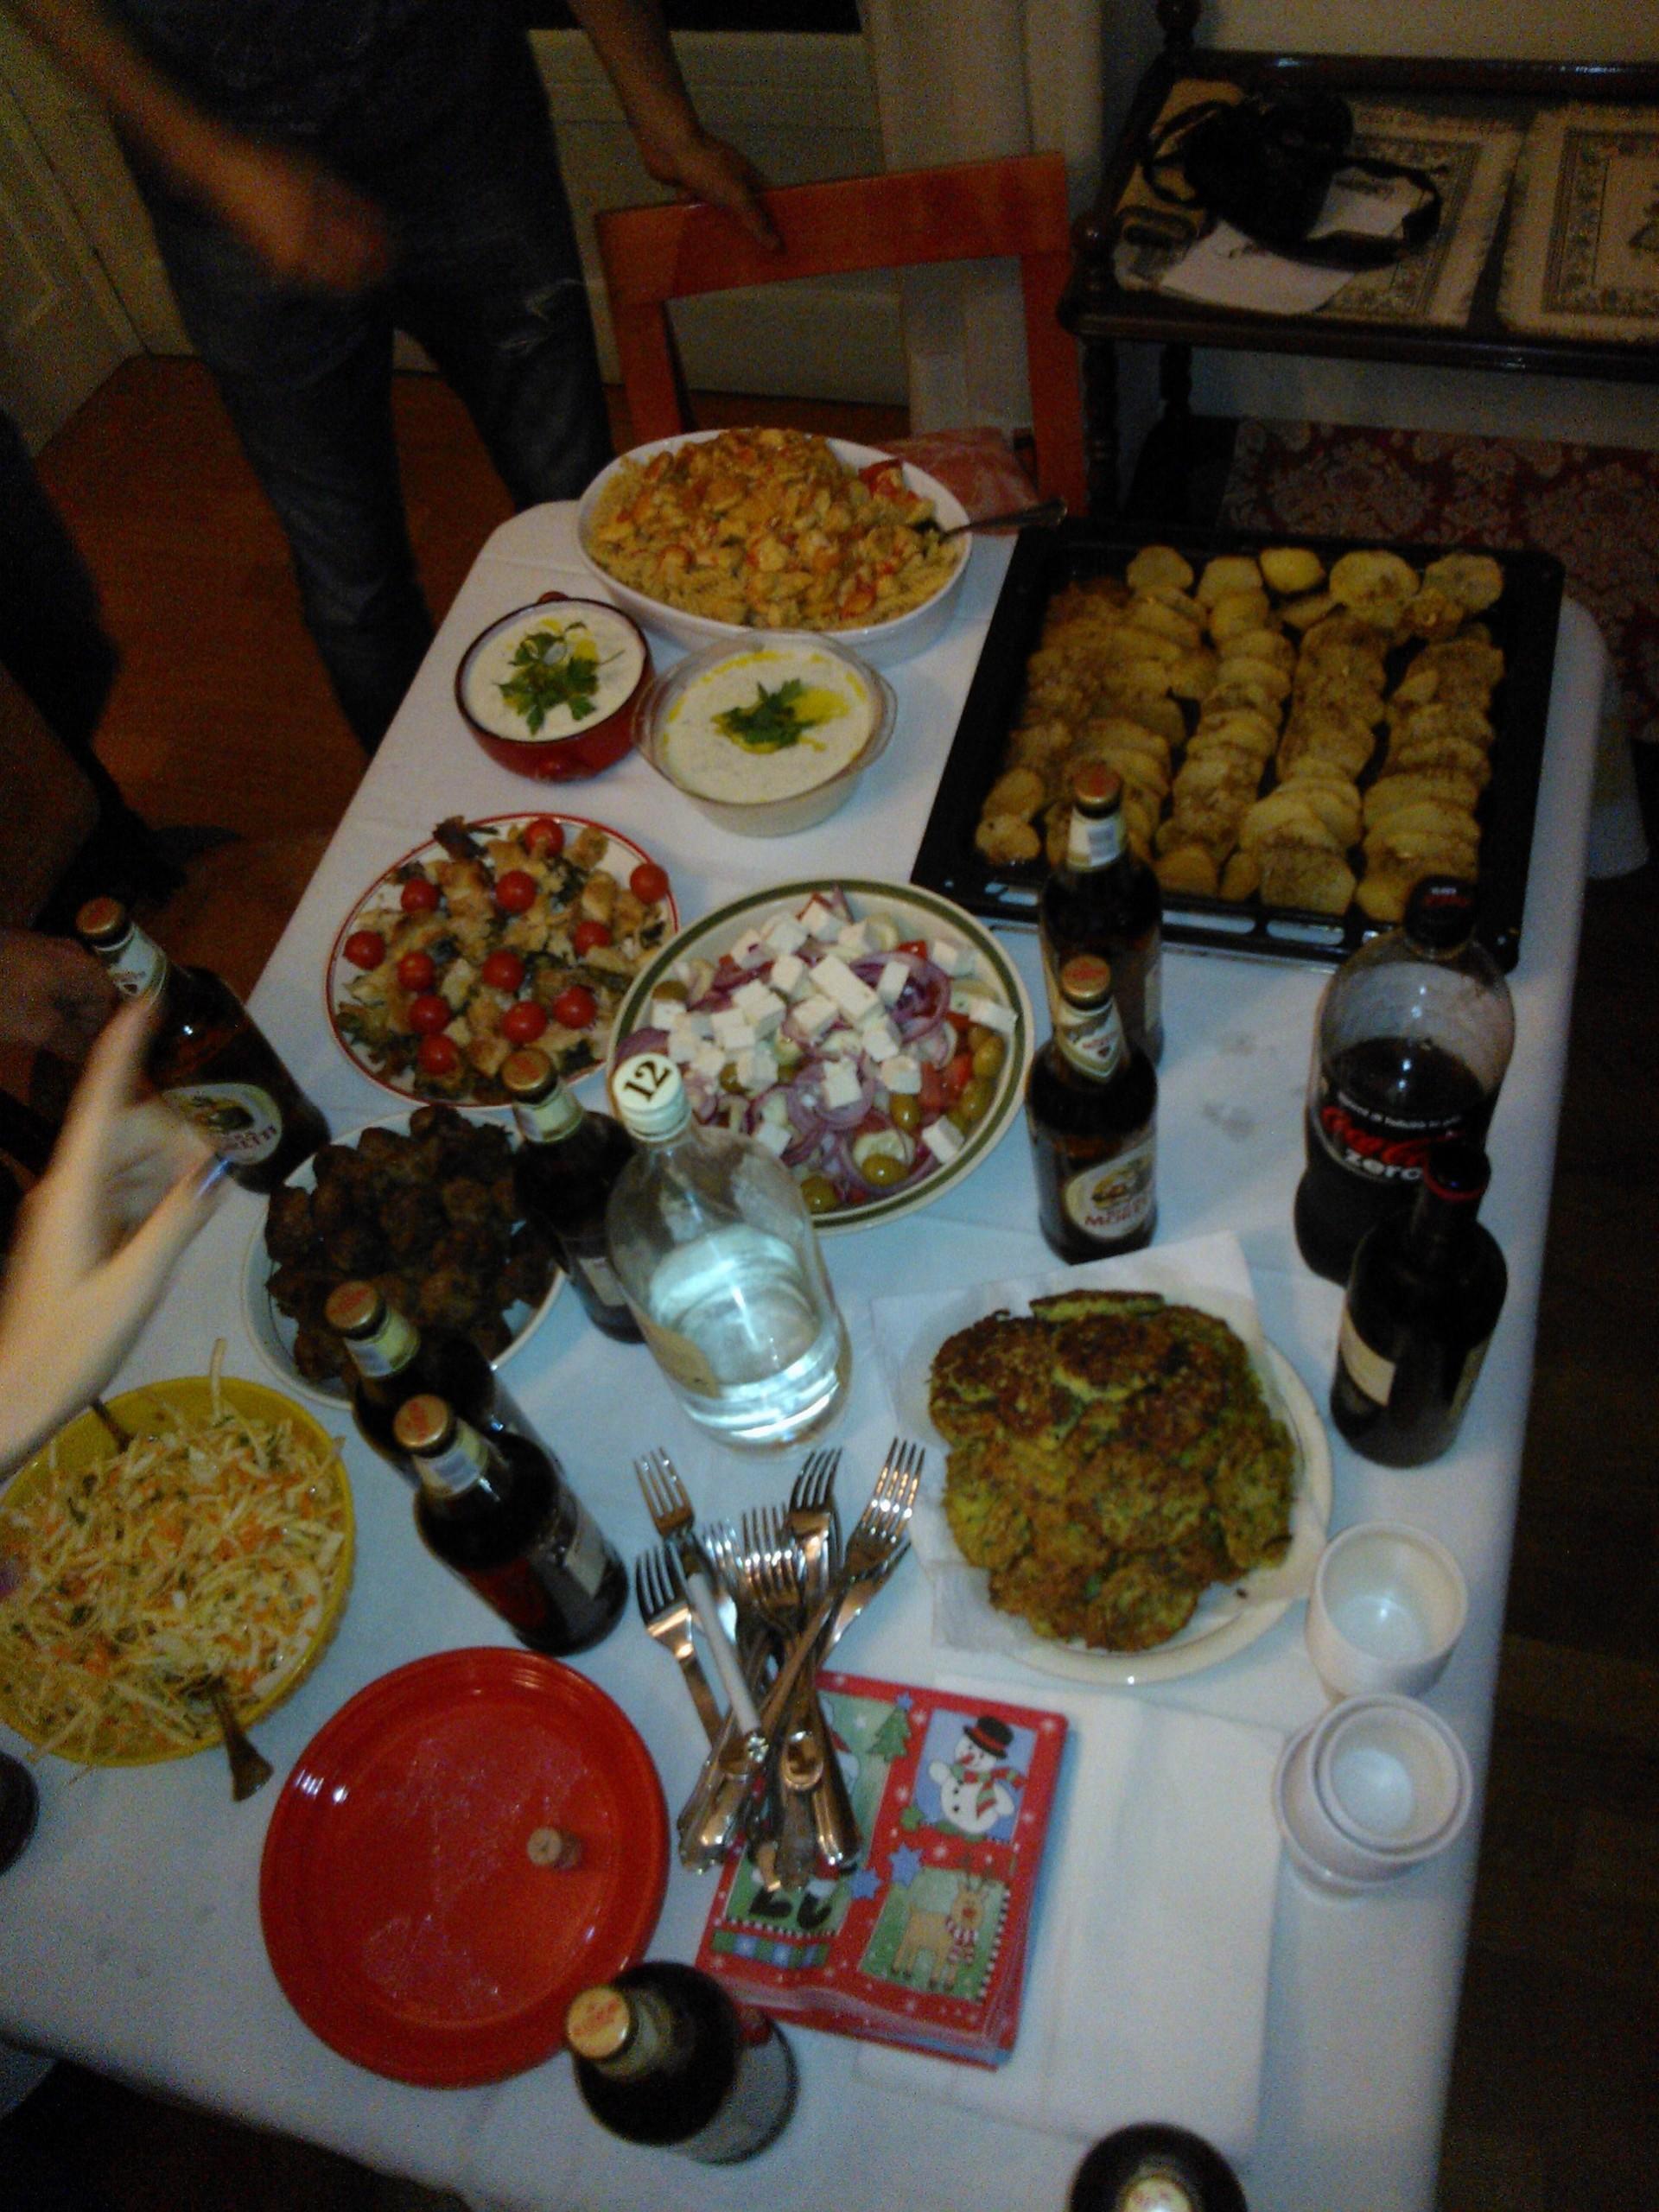 compartiendo-comida-3adf32a6c1a44f1e164f